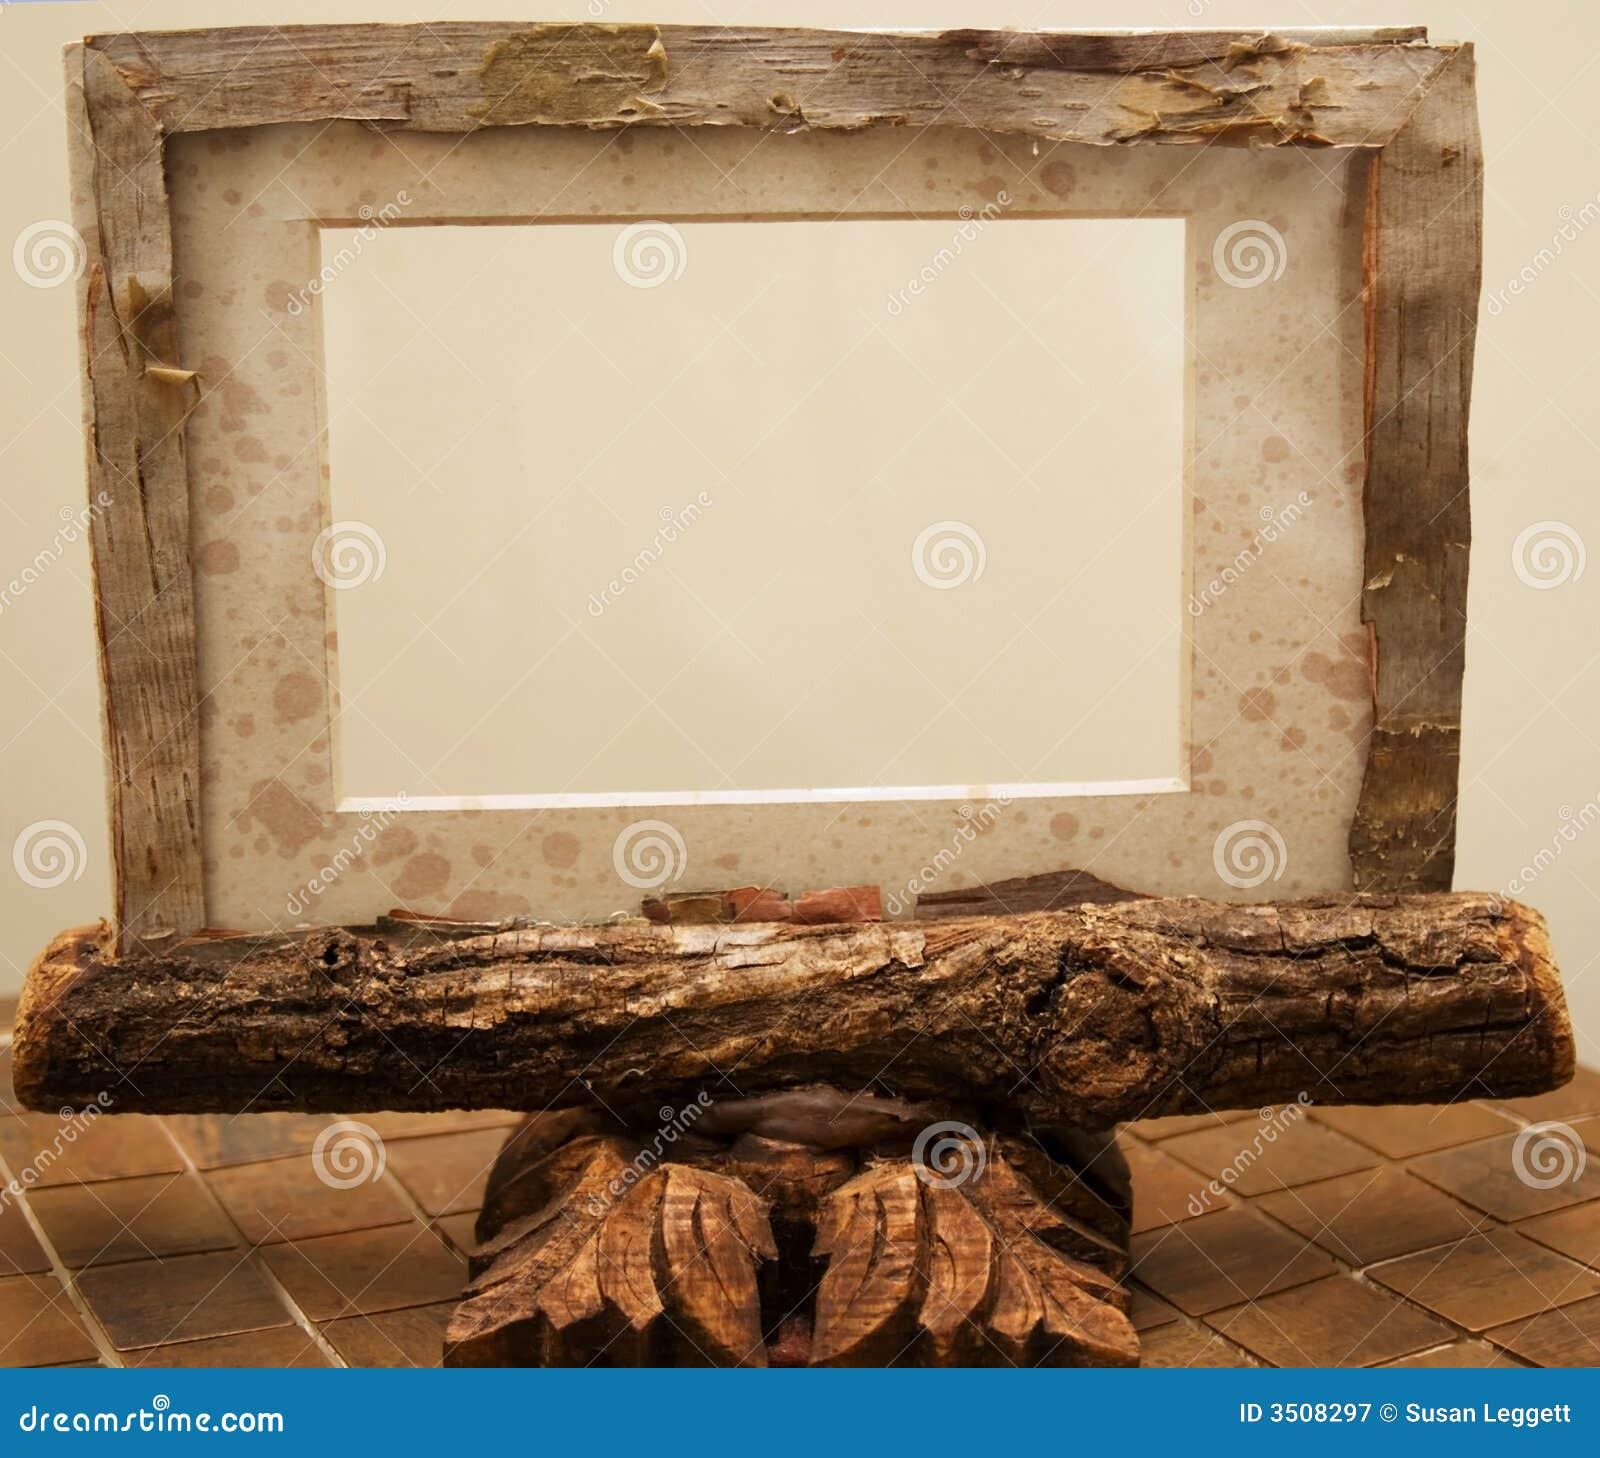 Cadre de tableau rustique photographie stock libre de - Image de cadre de tableau ...